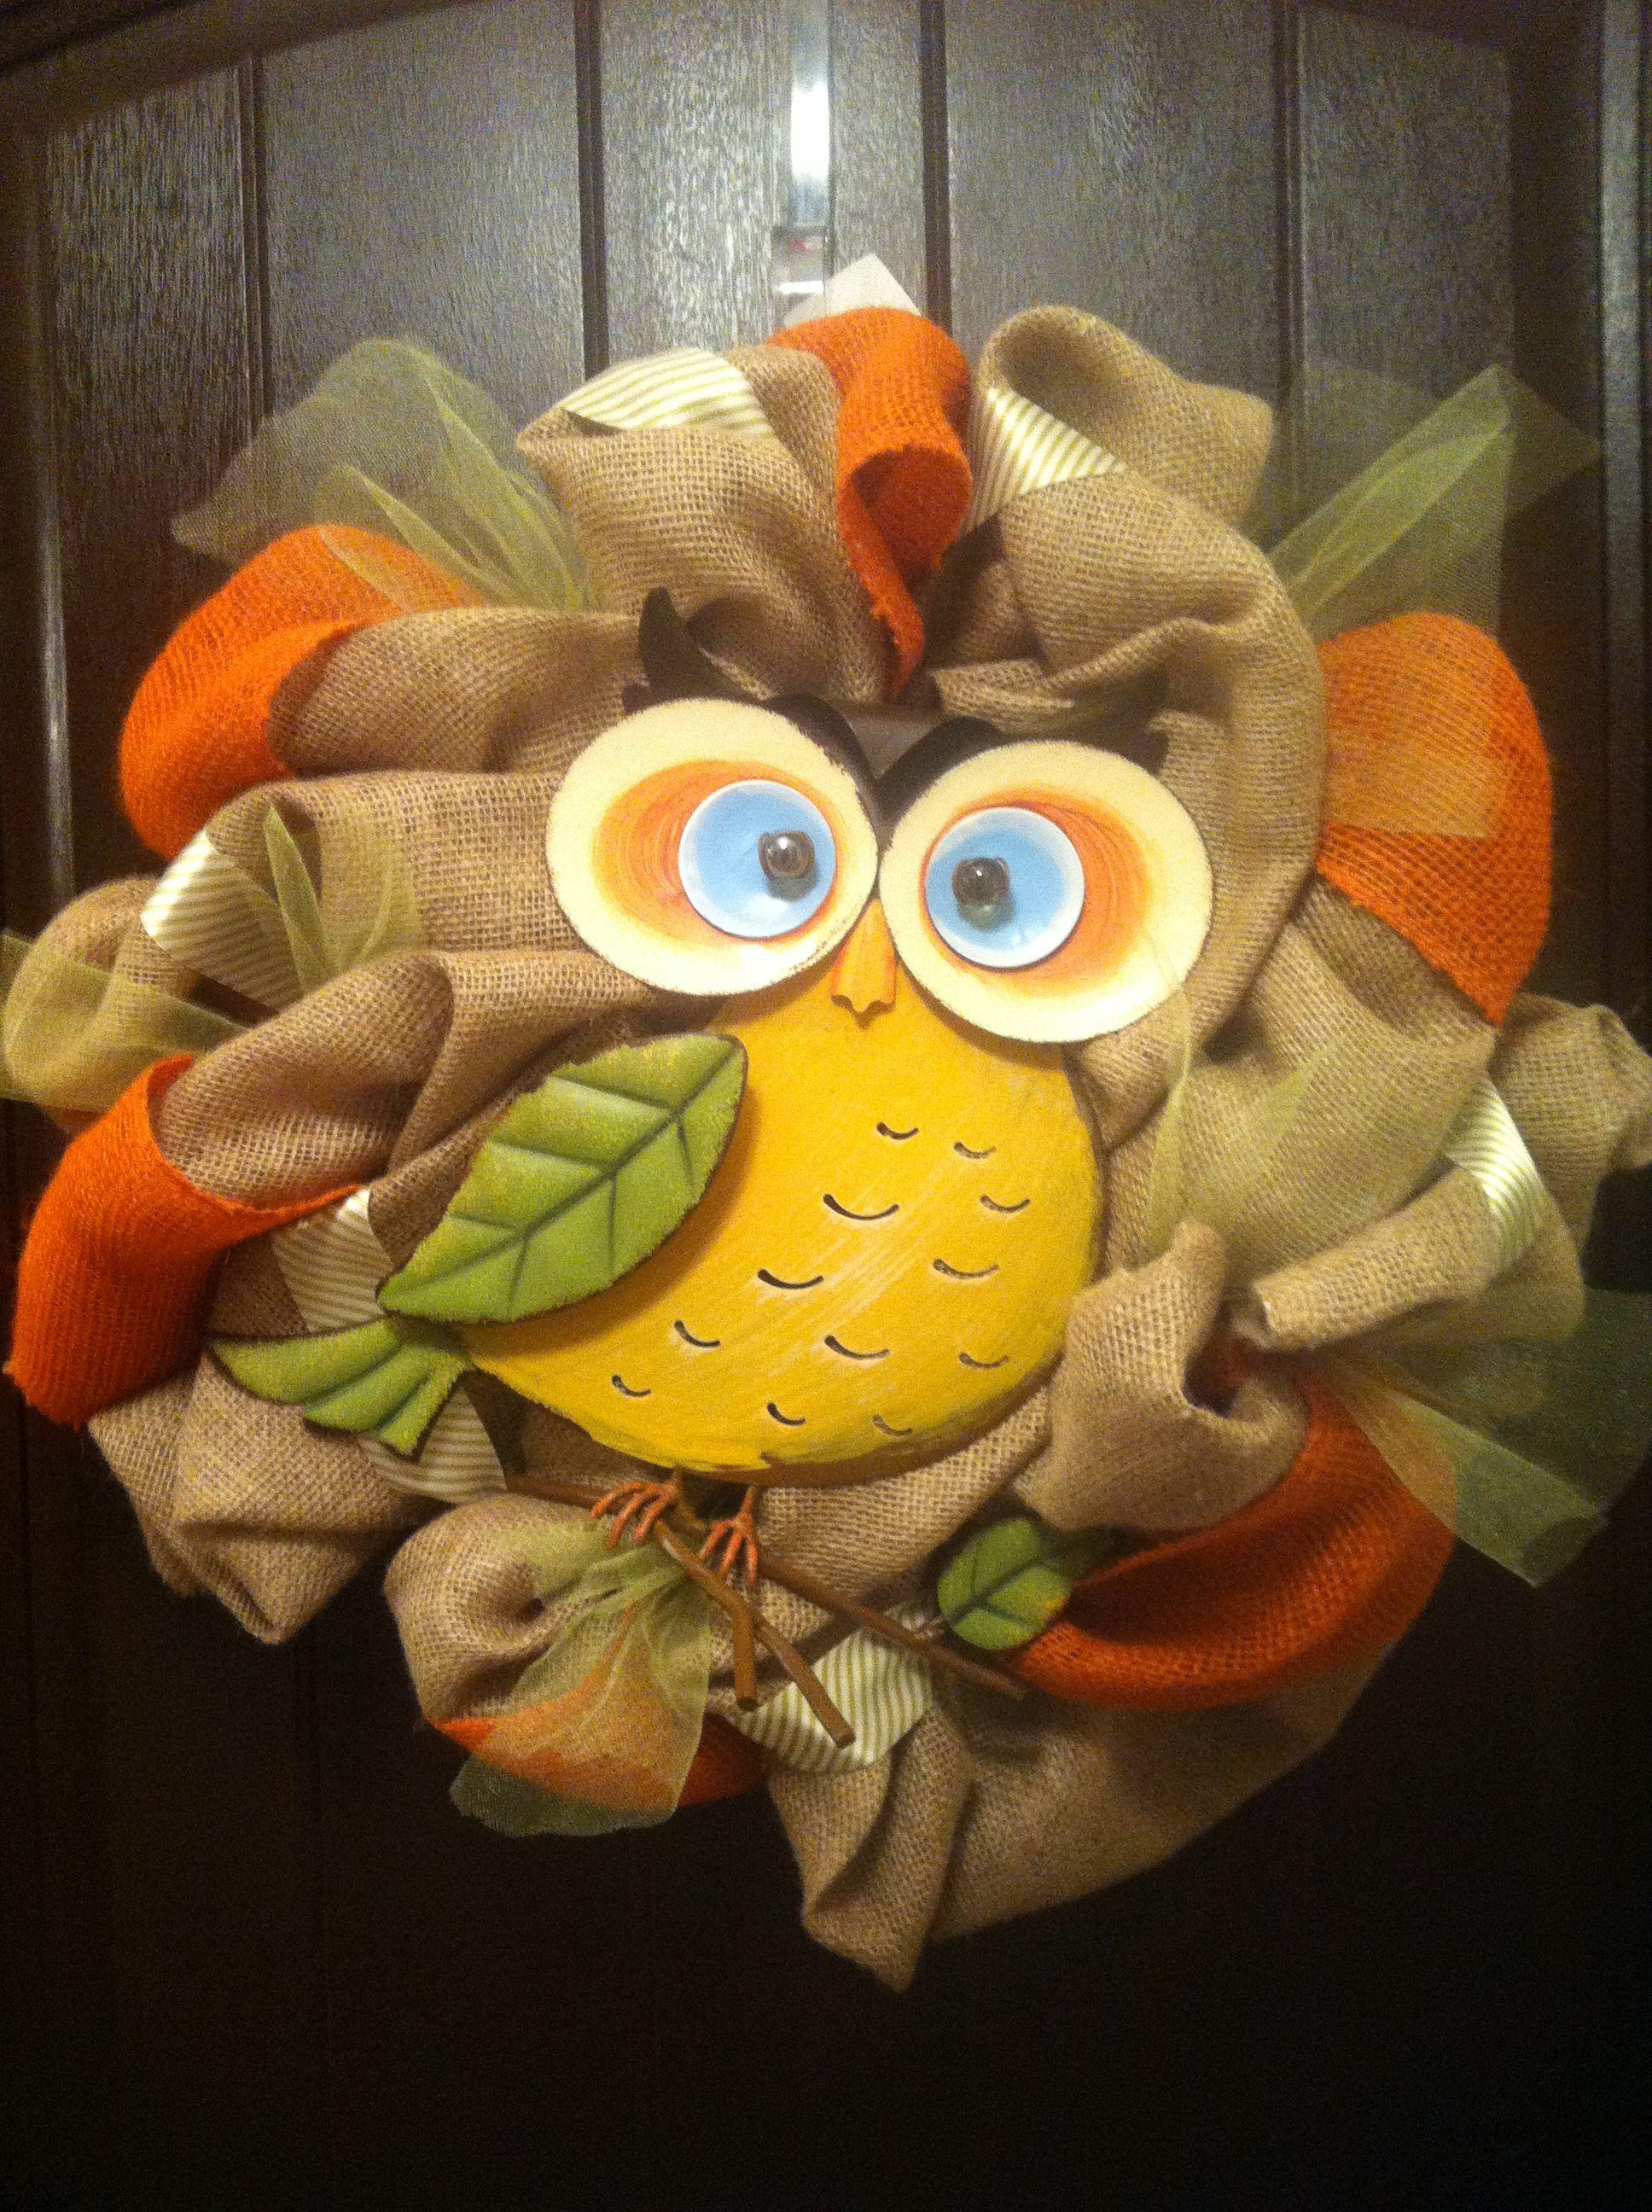 Owl Wreath-The Dressy Door on Facebook